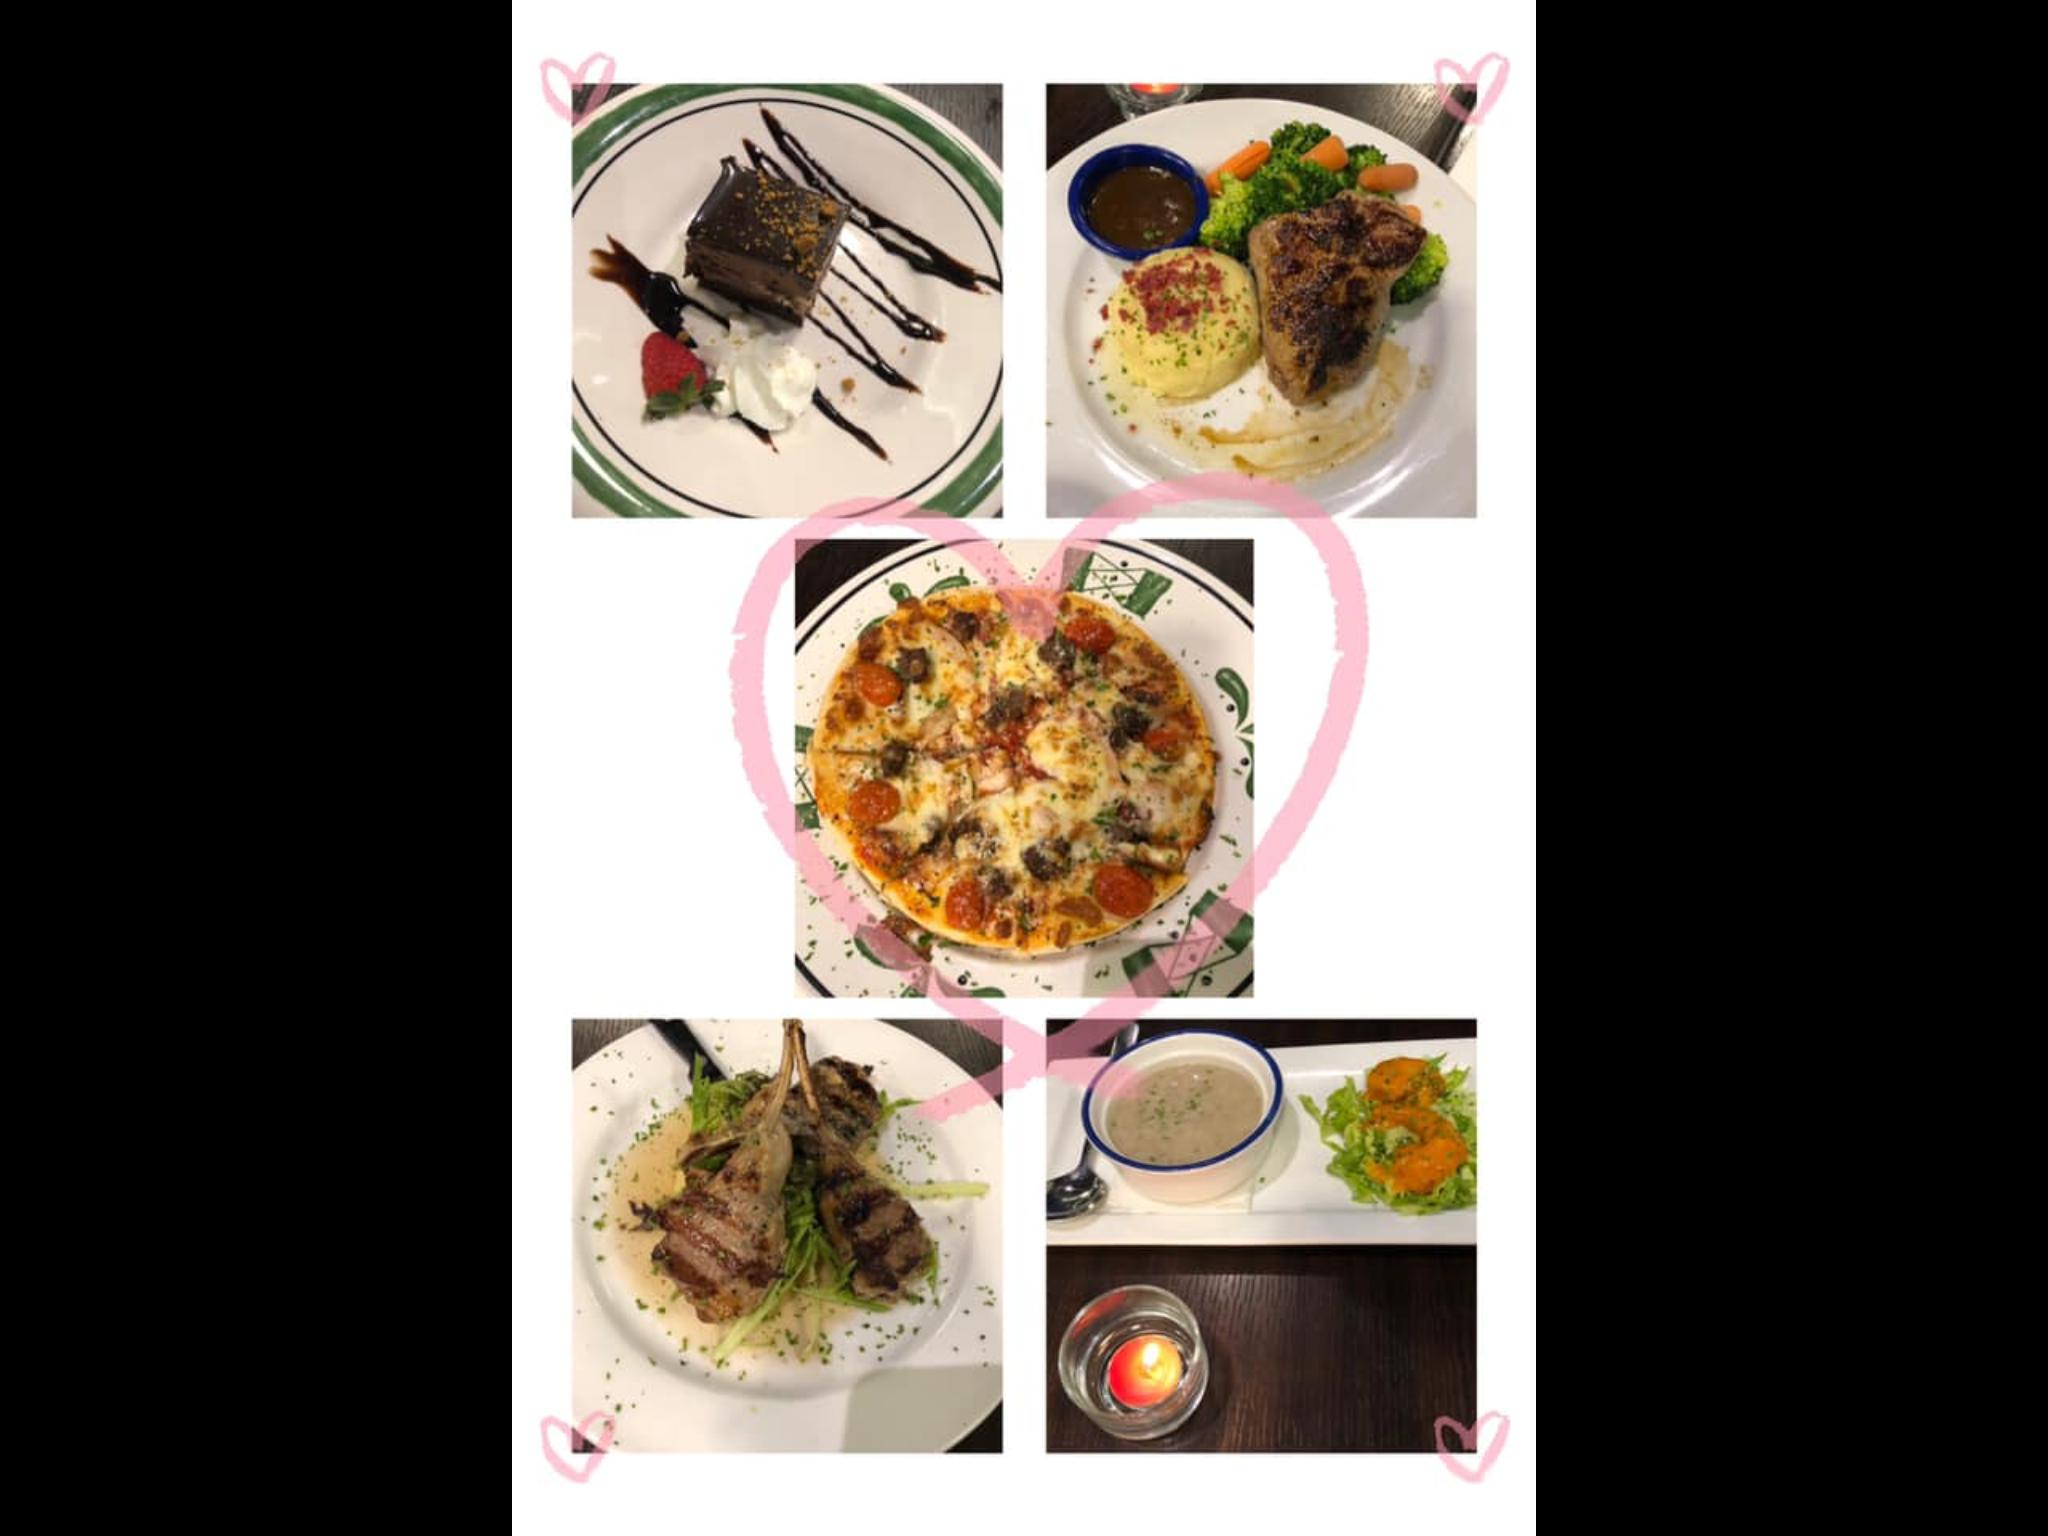 Roast & Grill The Curve, Jalan PJU 7/3, Mutiara Damansara, Petaling Jaya, Selangor, Malaysia photo-171073 Got Food Poisoning? Report it now